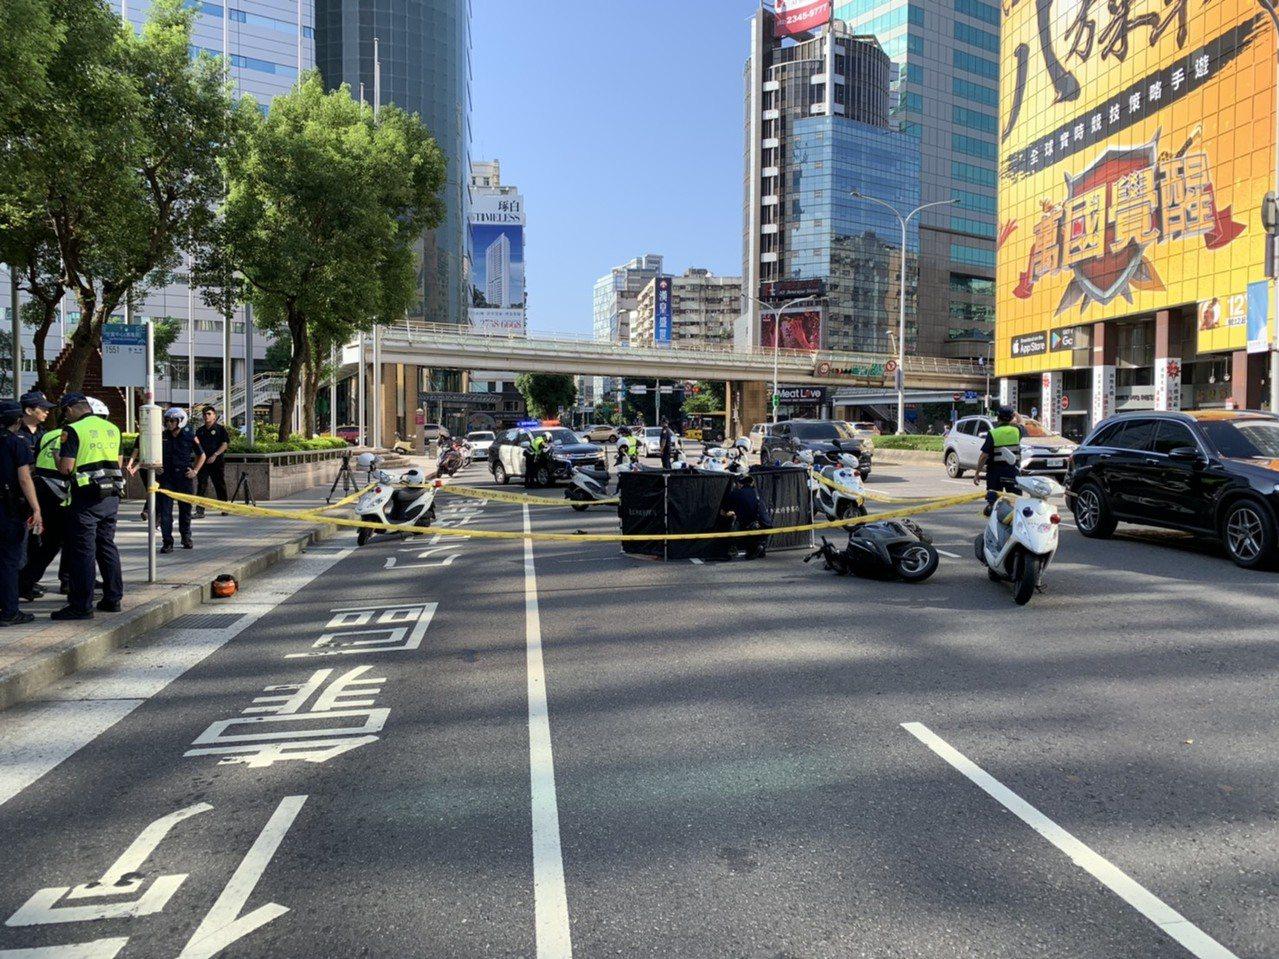 章姓女子騎機車經台北市基隆路、信義路口摔車倒地,被1輛公車輾斃。記者李奕昕/翻攝